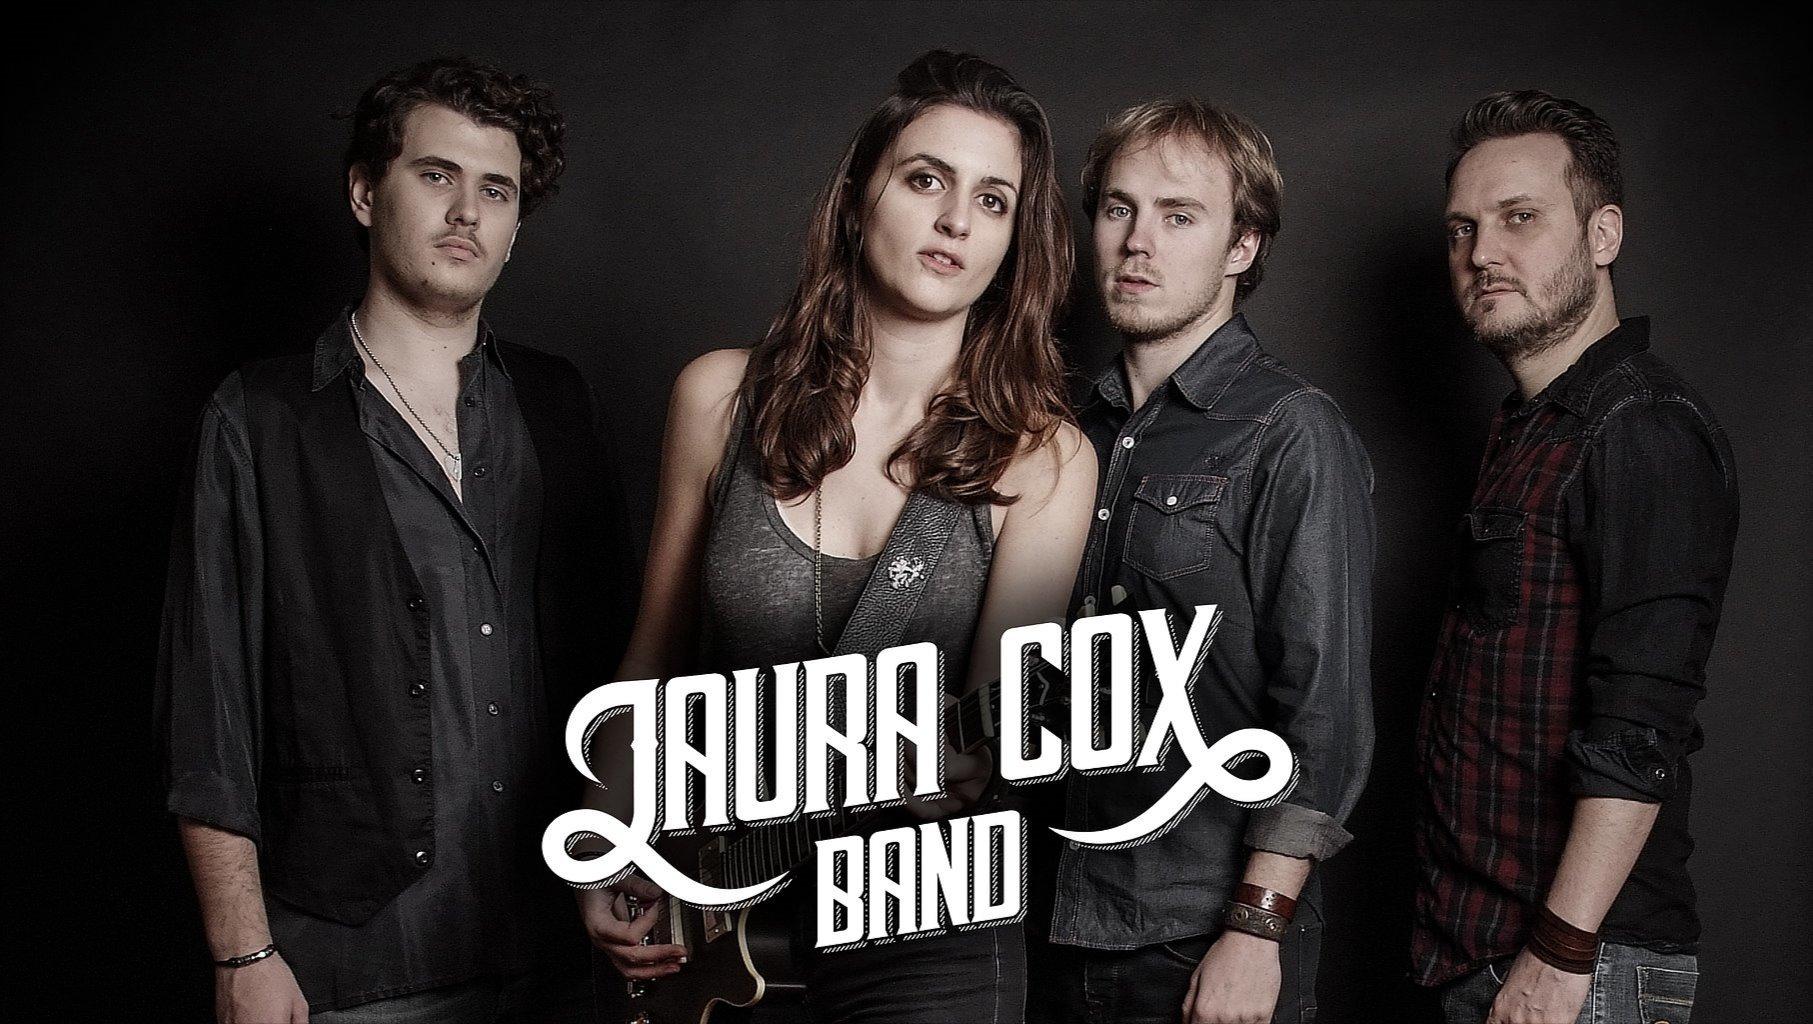 Laura Cox Band Live im Pink Dormagen